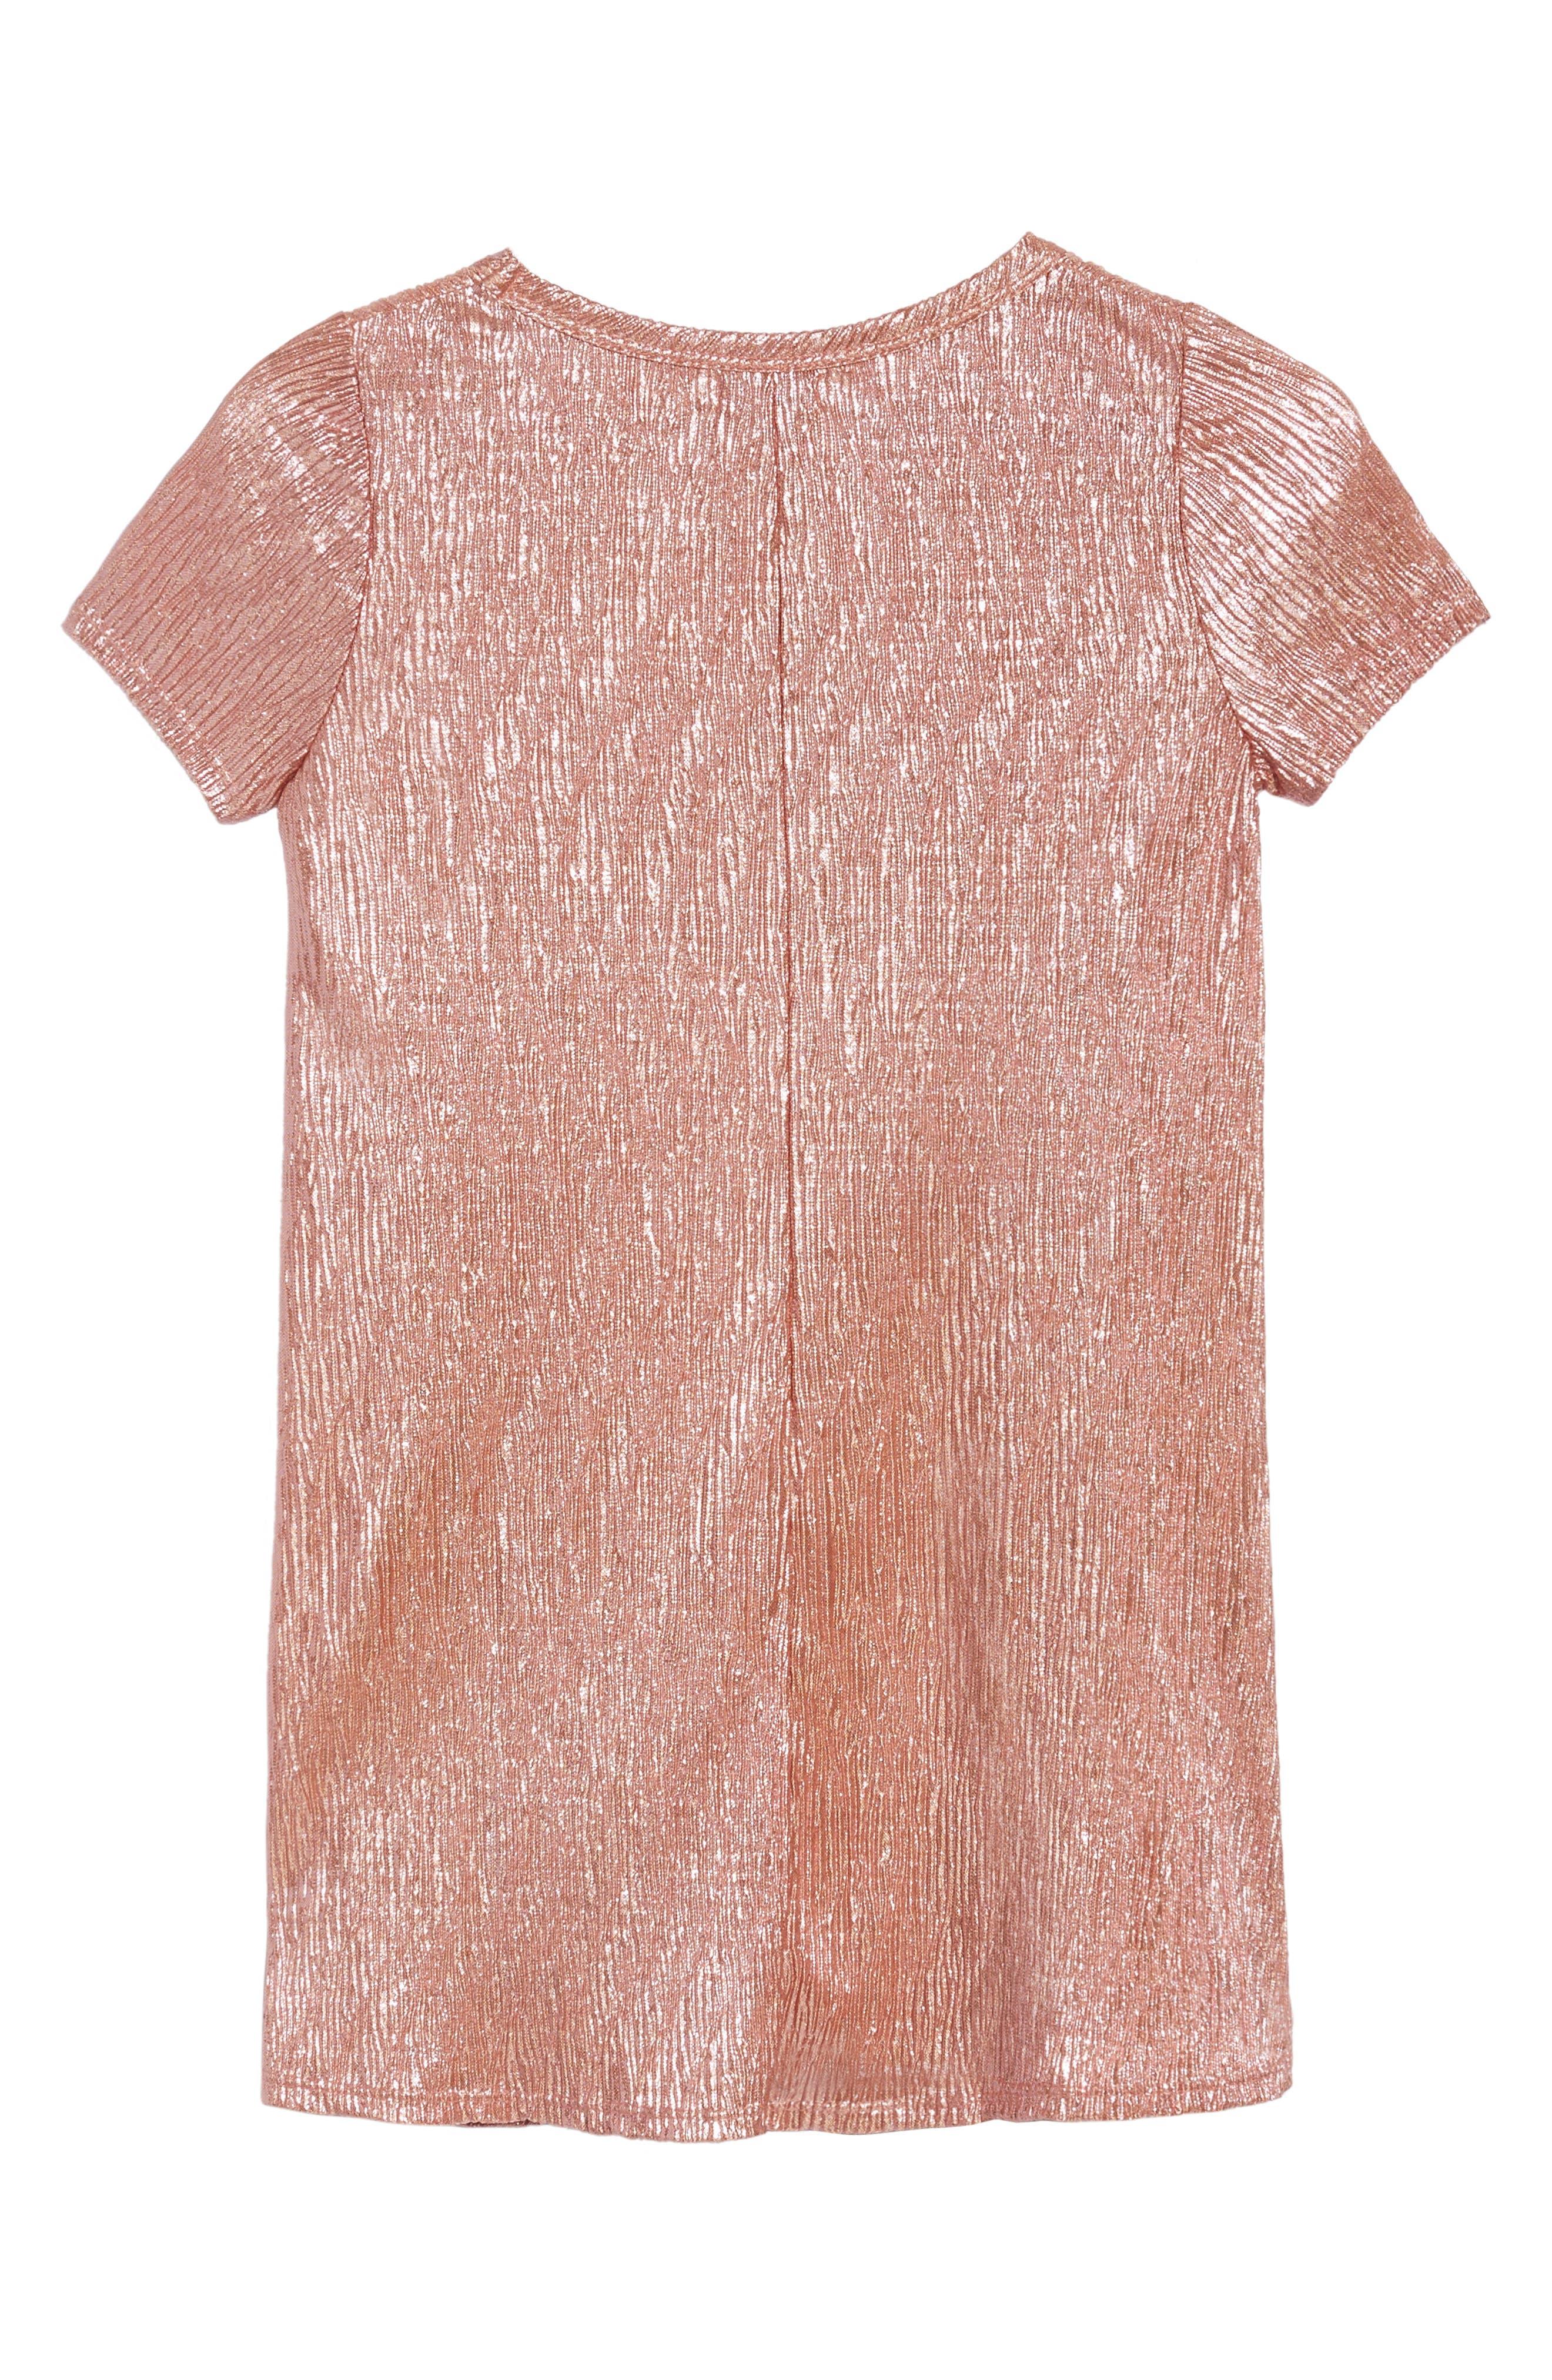 Love Fire Crinkled Metallic T-Shirt Dress,                             Alternate thumbnail 2, color,                             681